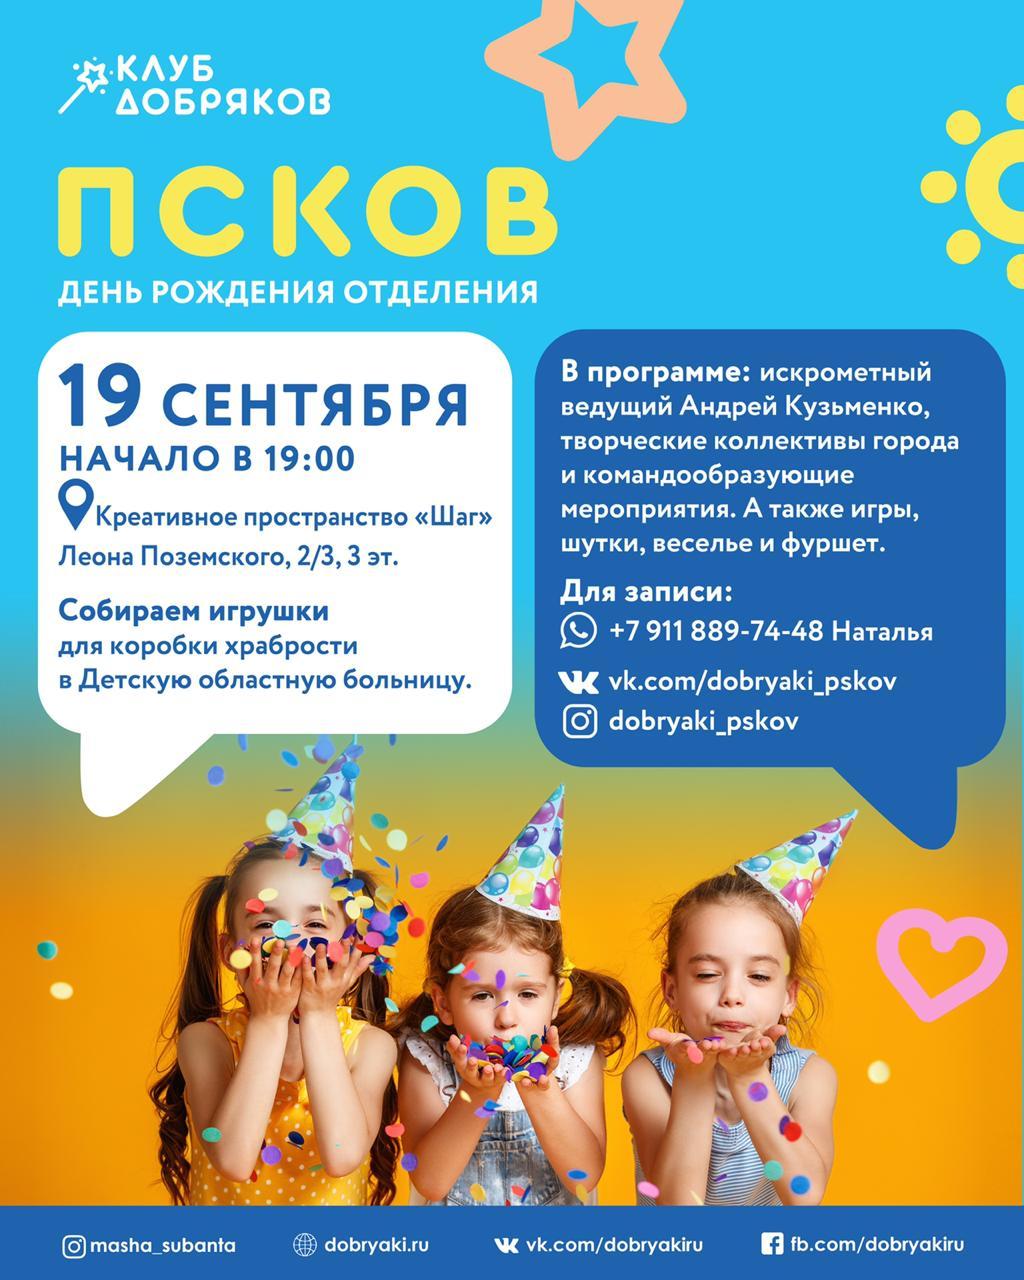 Добряки Пскова отметят свою первую годовщину